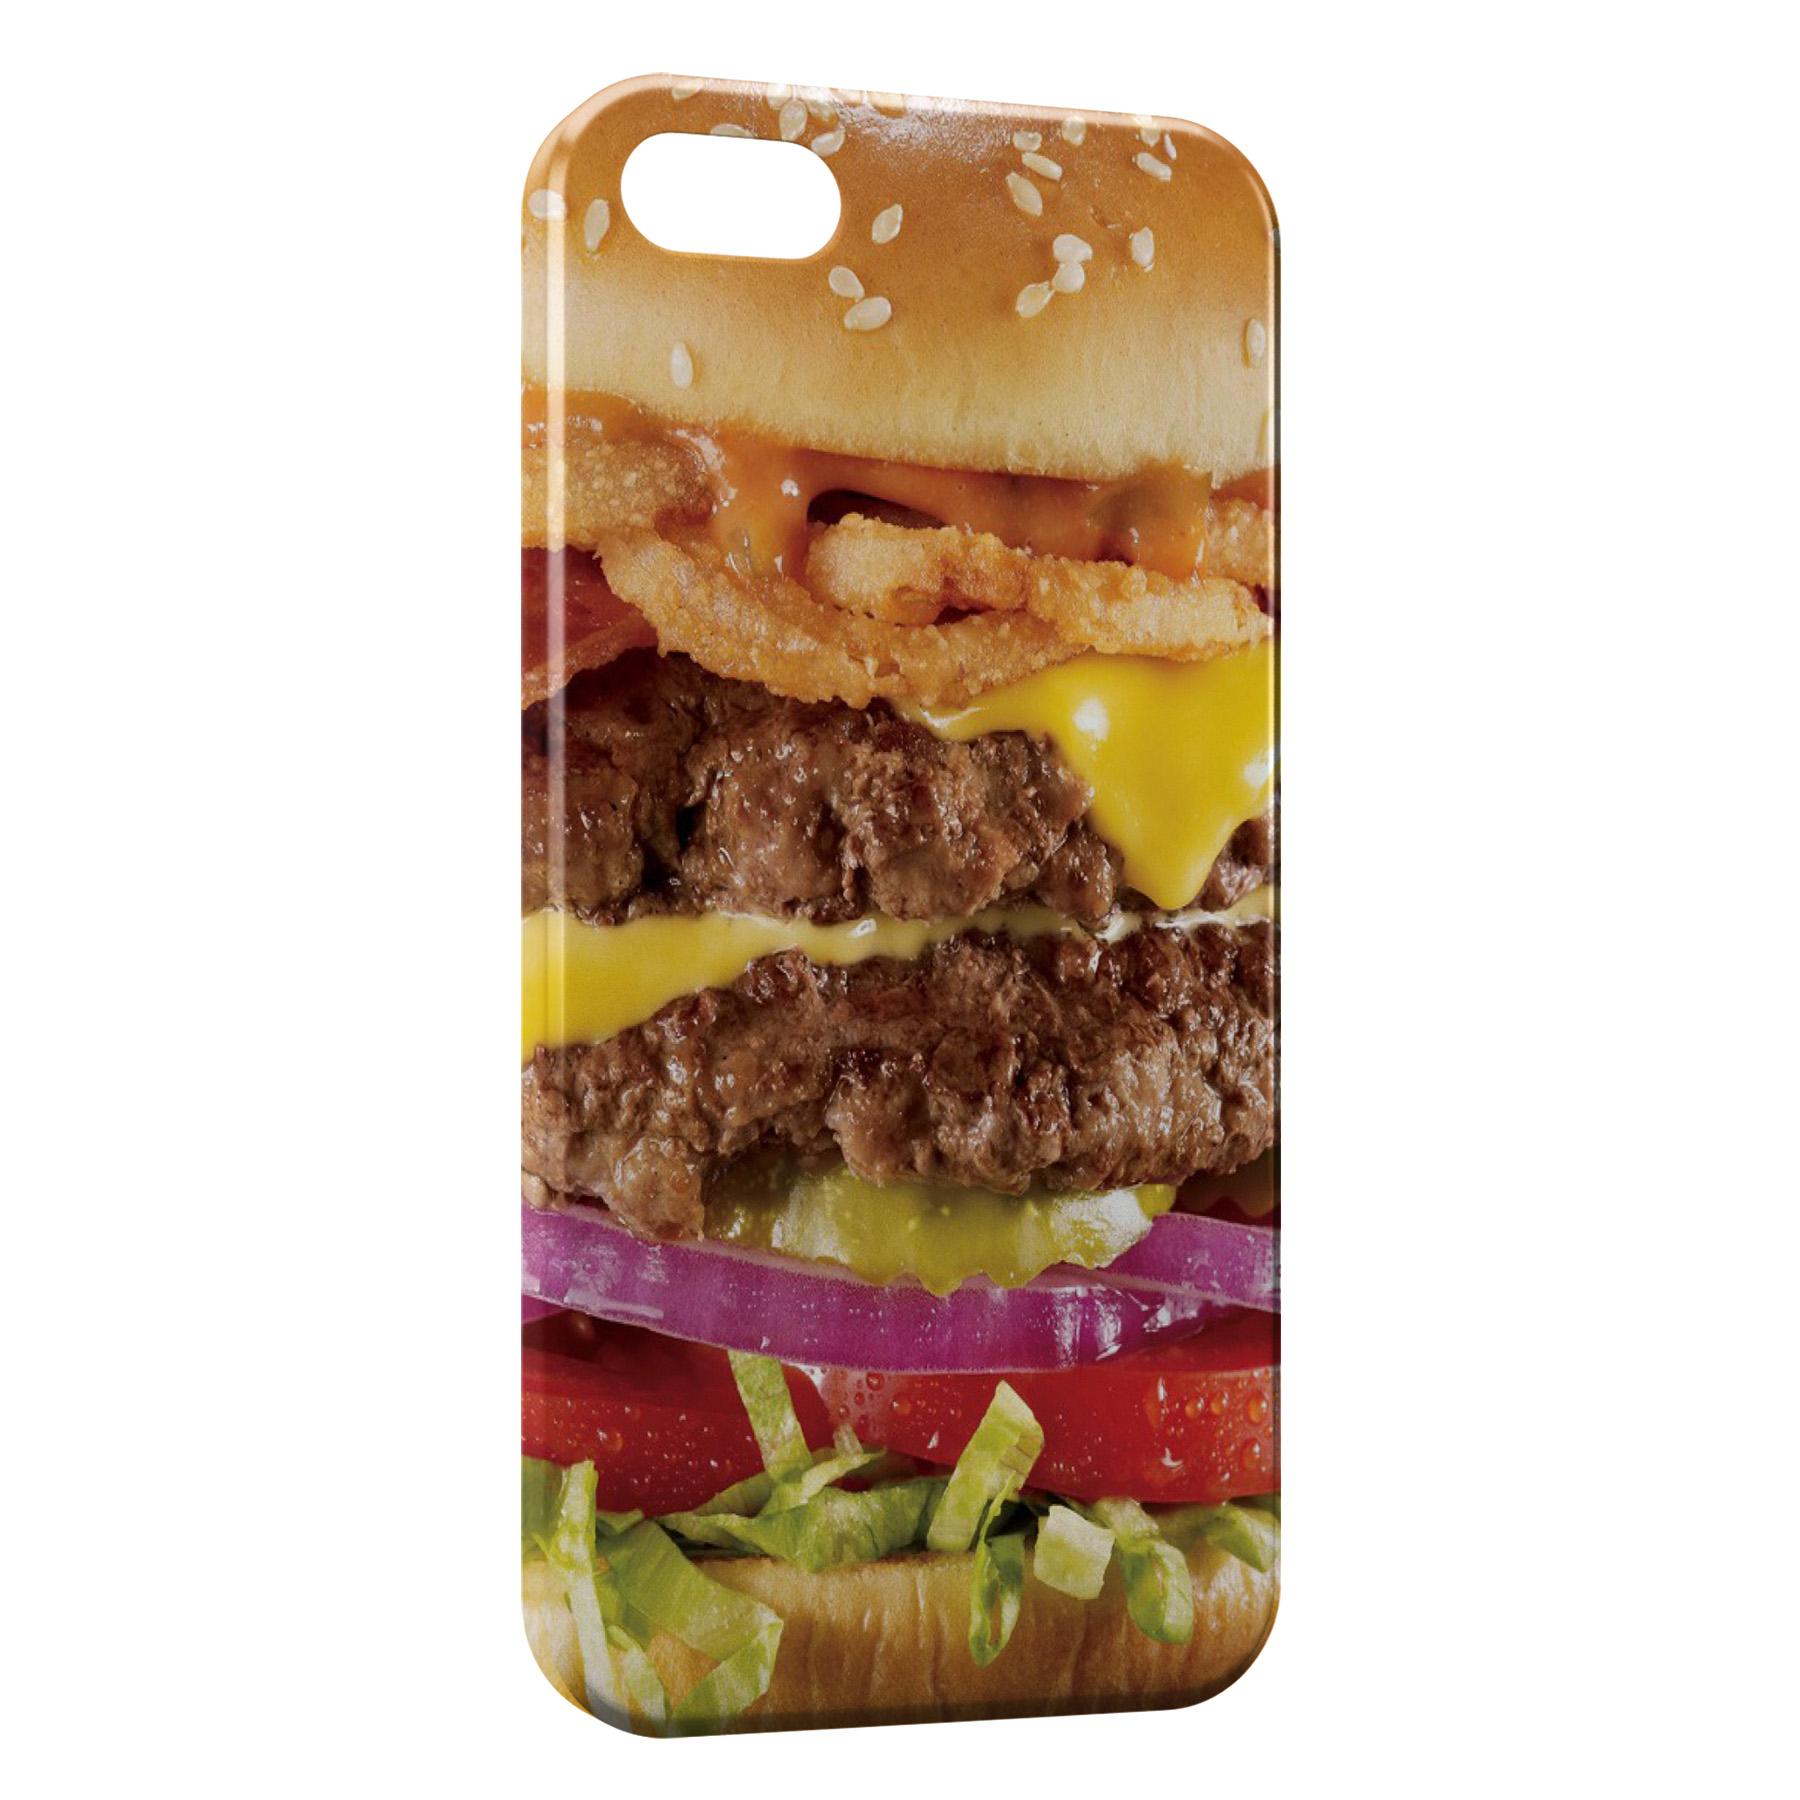 Coque iPhone 5C Hamburger